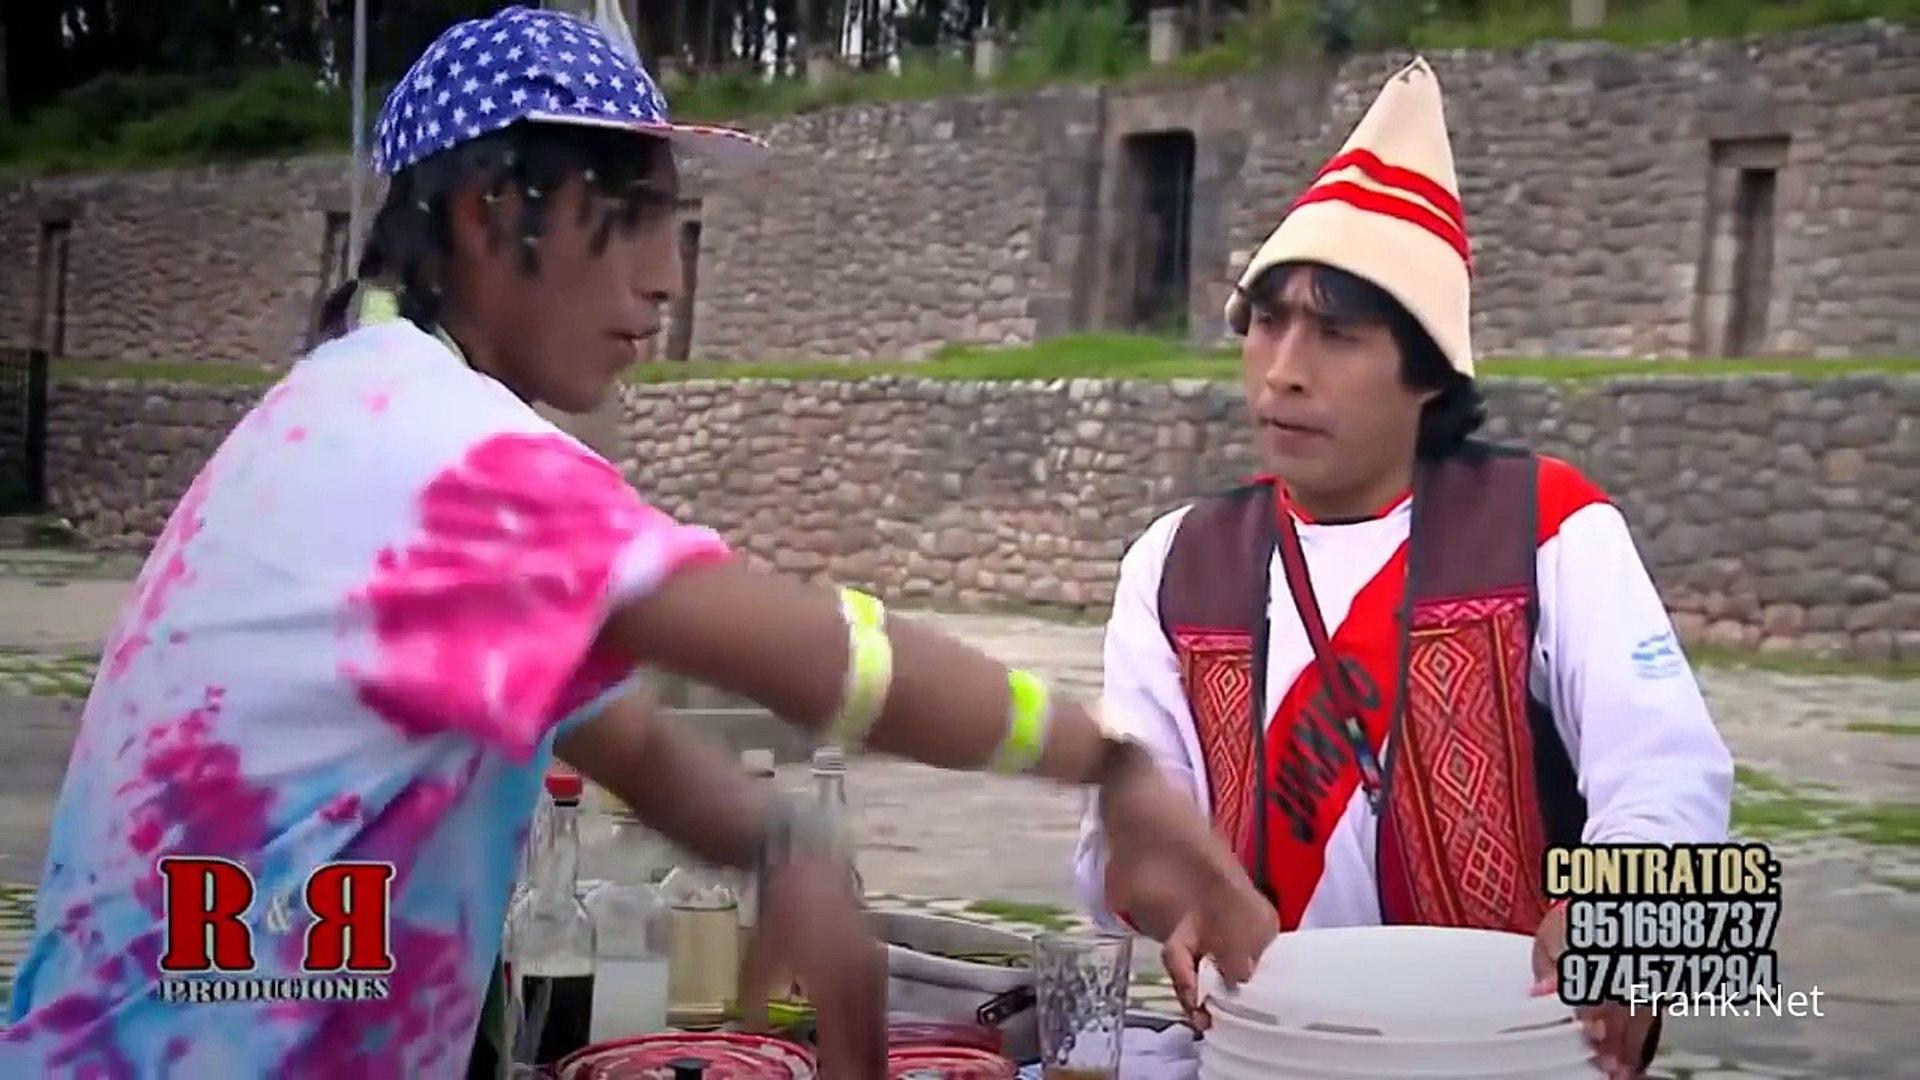 Cholo Juanito y Richard Douglas - Buscando Trabajo & Inventando negocios #comedia #humor #chiste